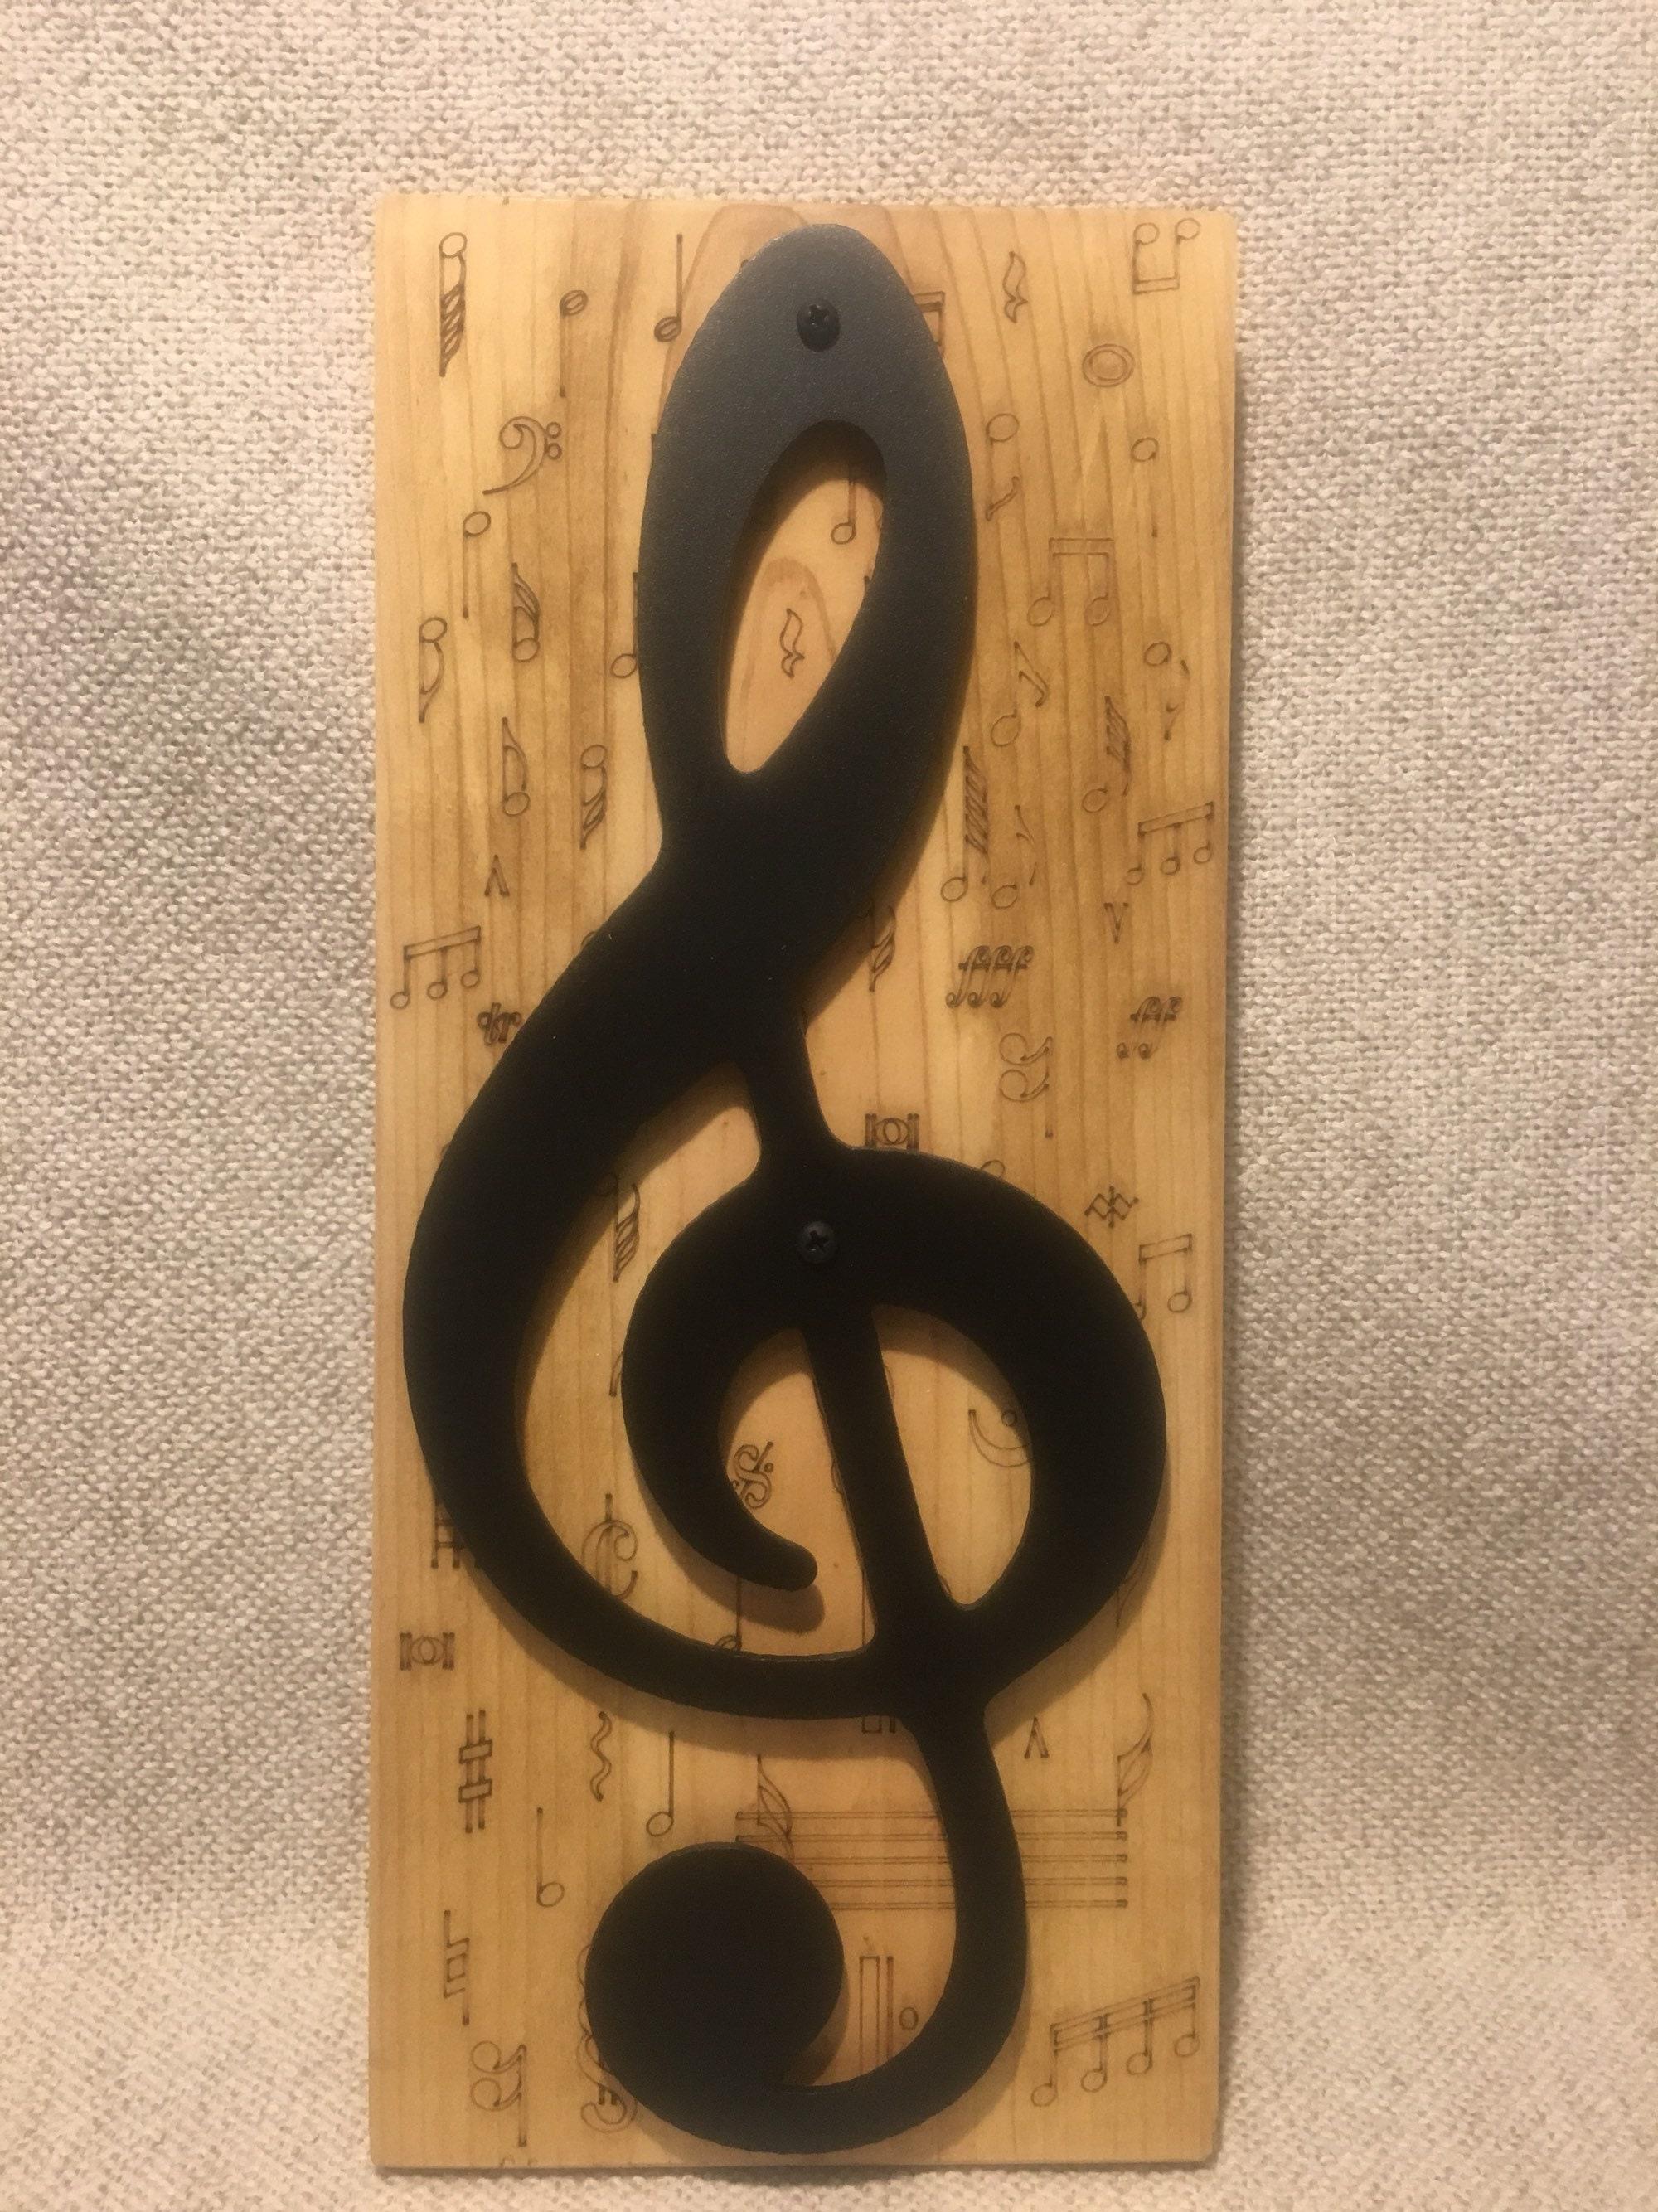 Metal Art Treble Clef Music Note On Lasered Wood Music Symbols